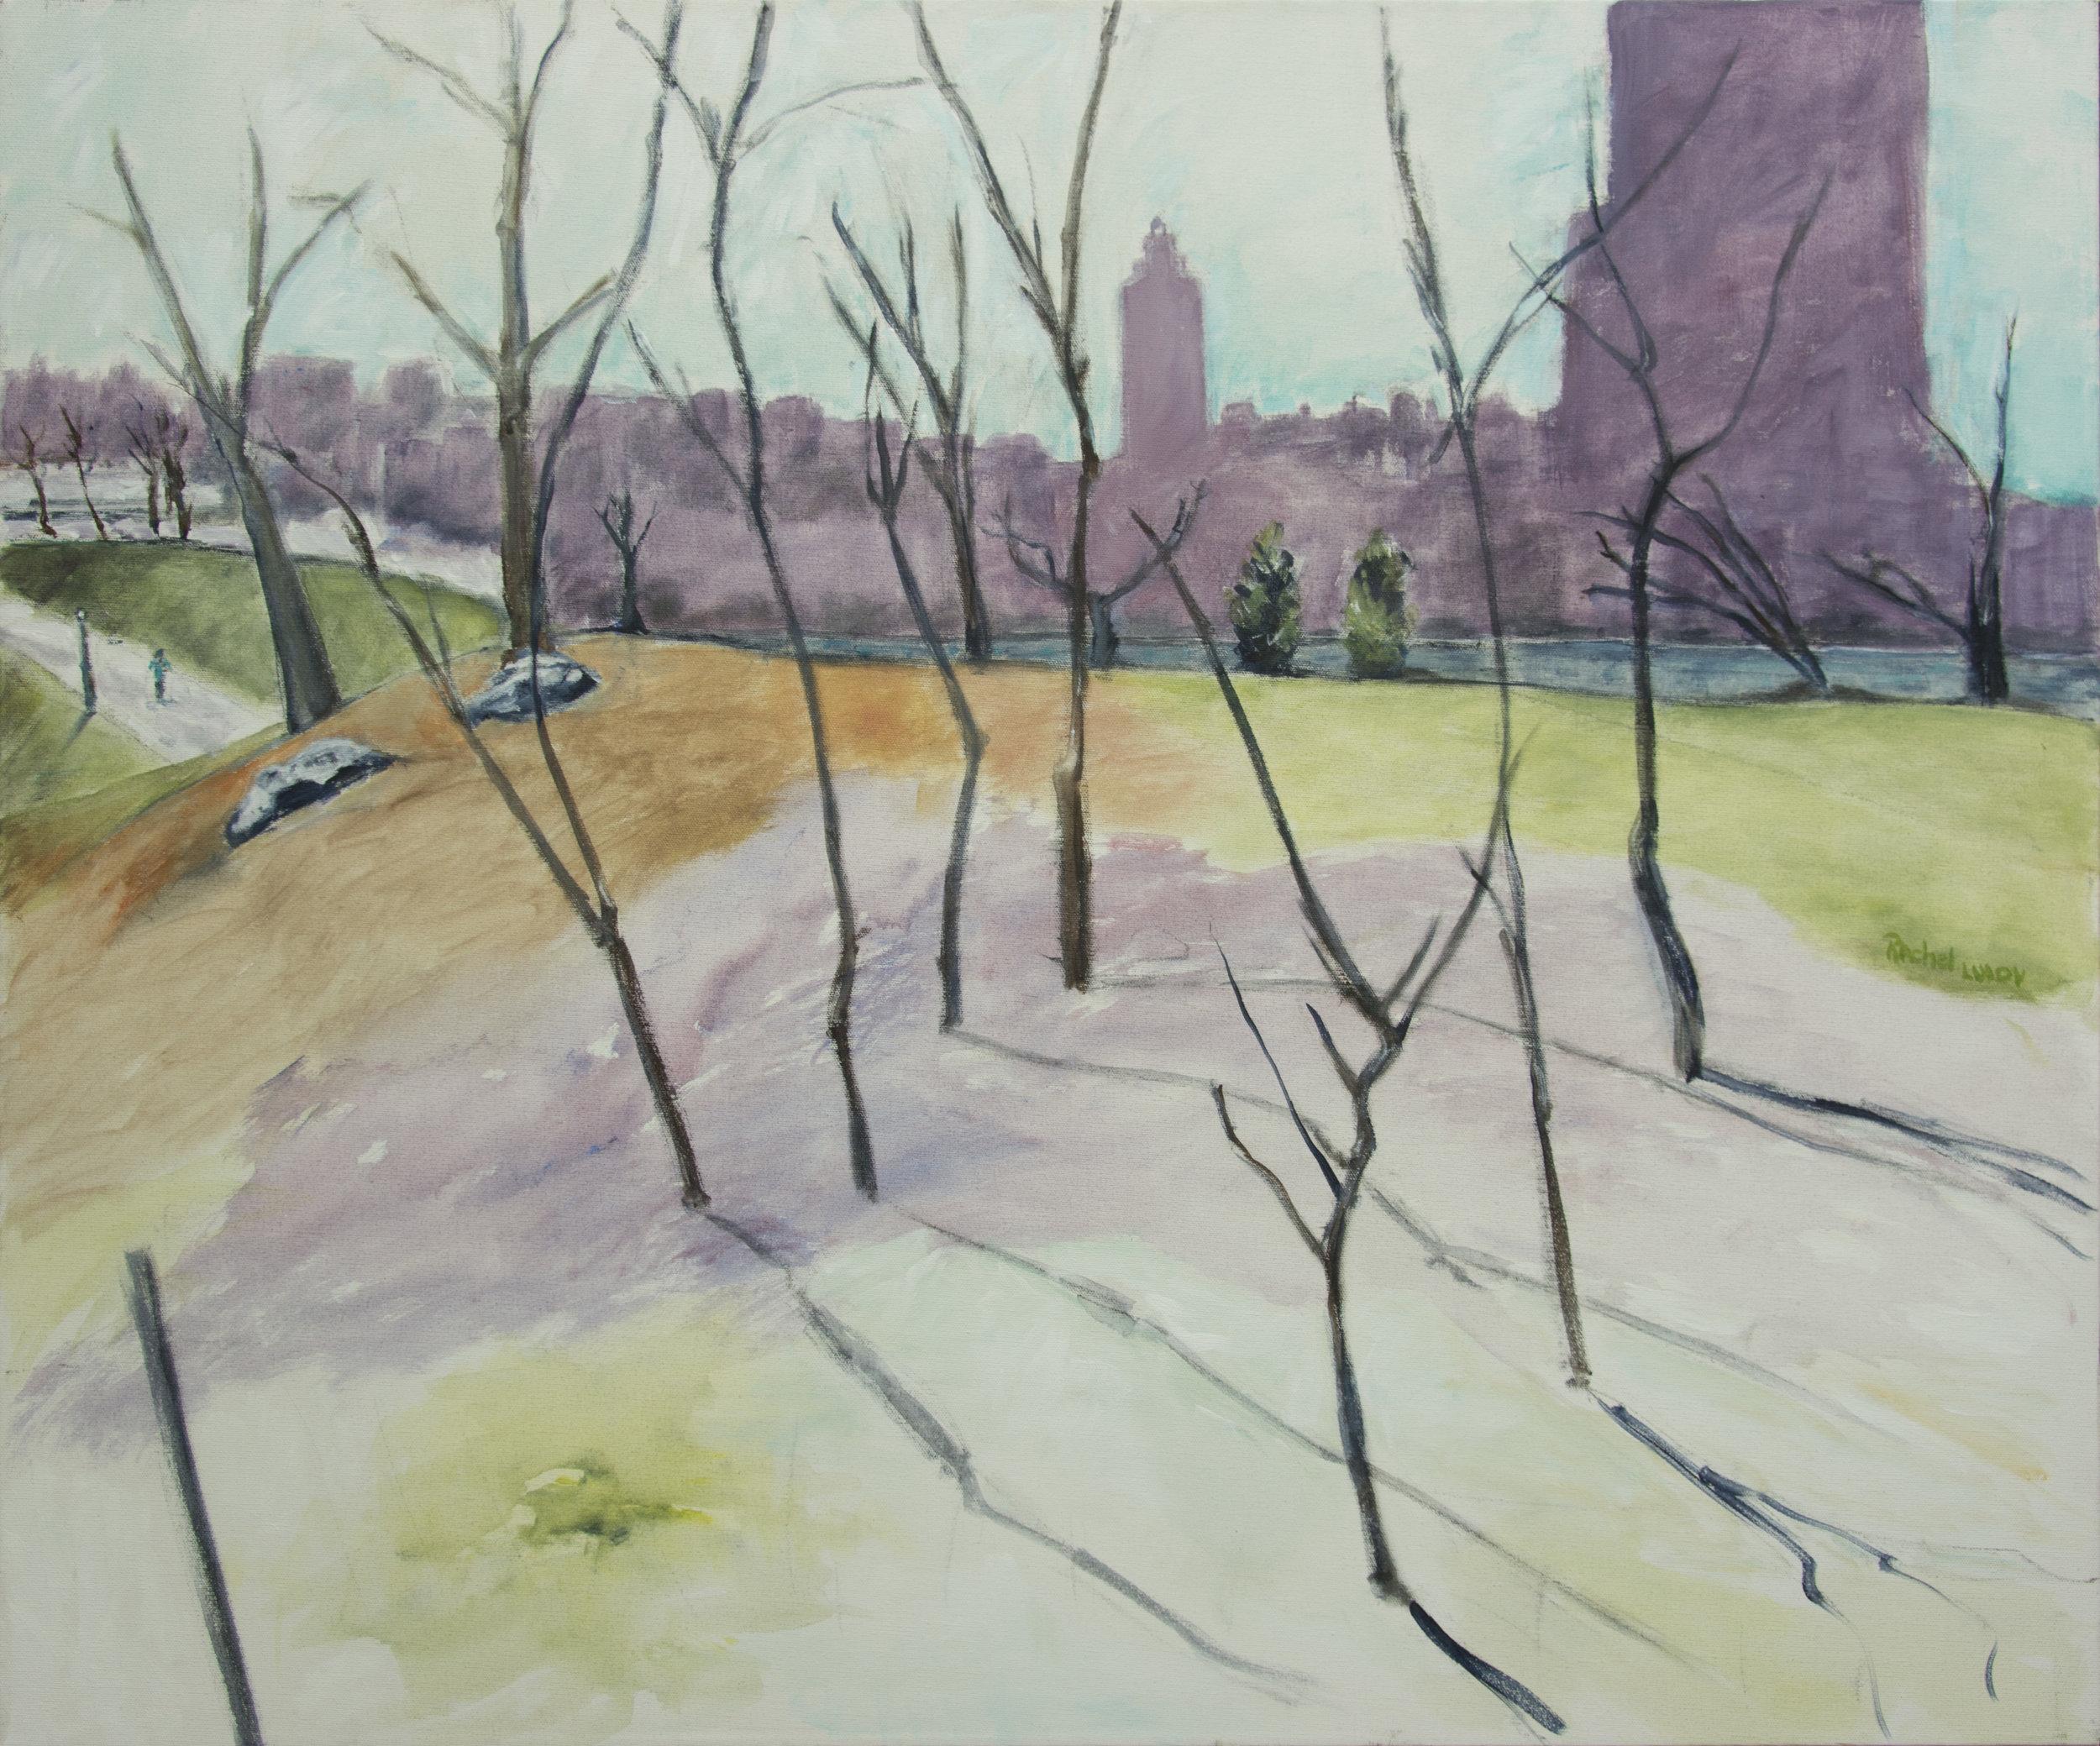 """Winter in Central Park acrylic on canvas 30""""x 36"""" Fear Follow From... acrylic on canvas 24"""" x 30"""" Rachel Lulov Segall"""